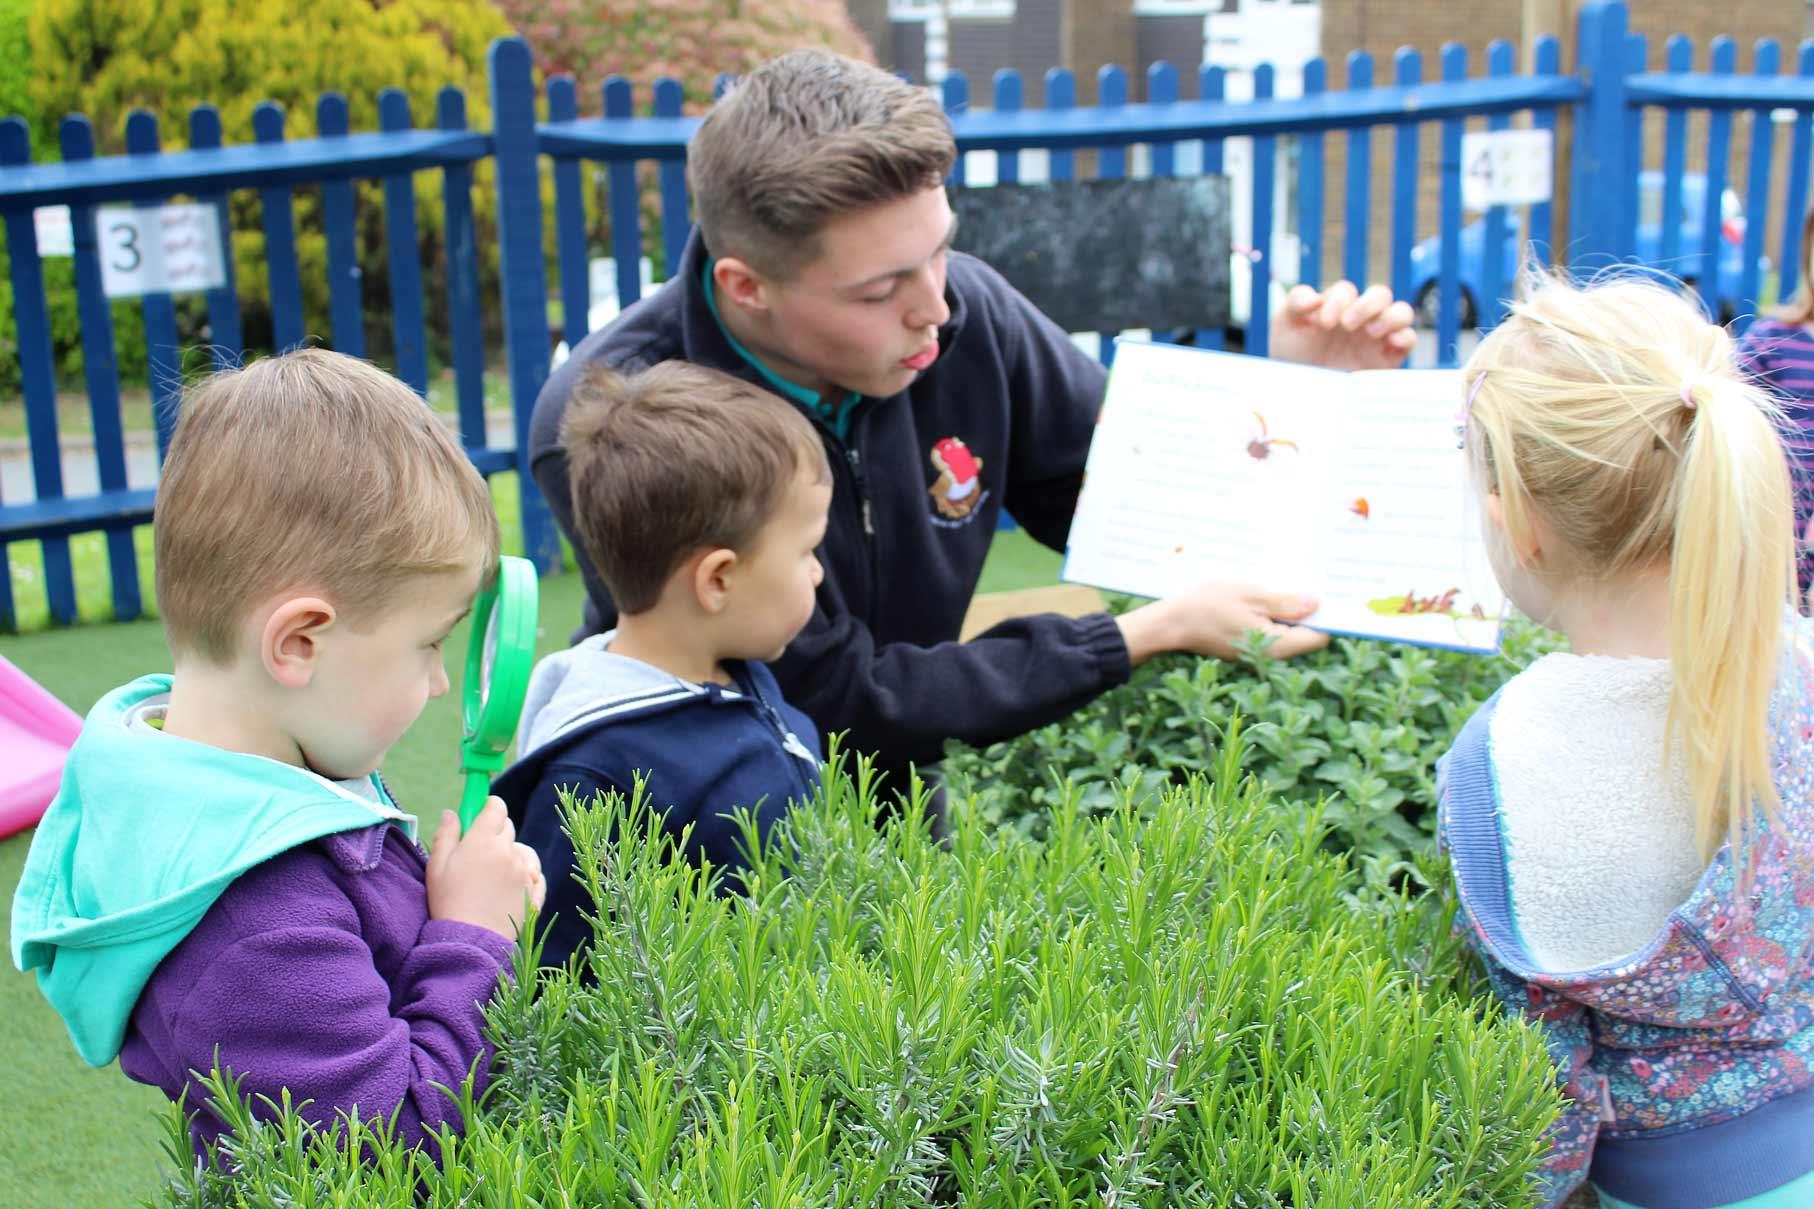 Teacher teaching children about the outdoors